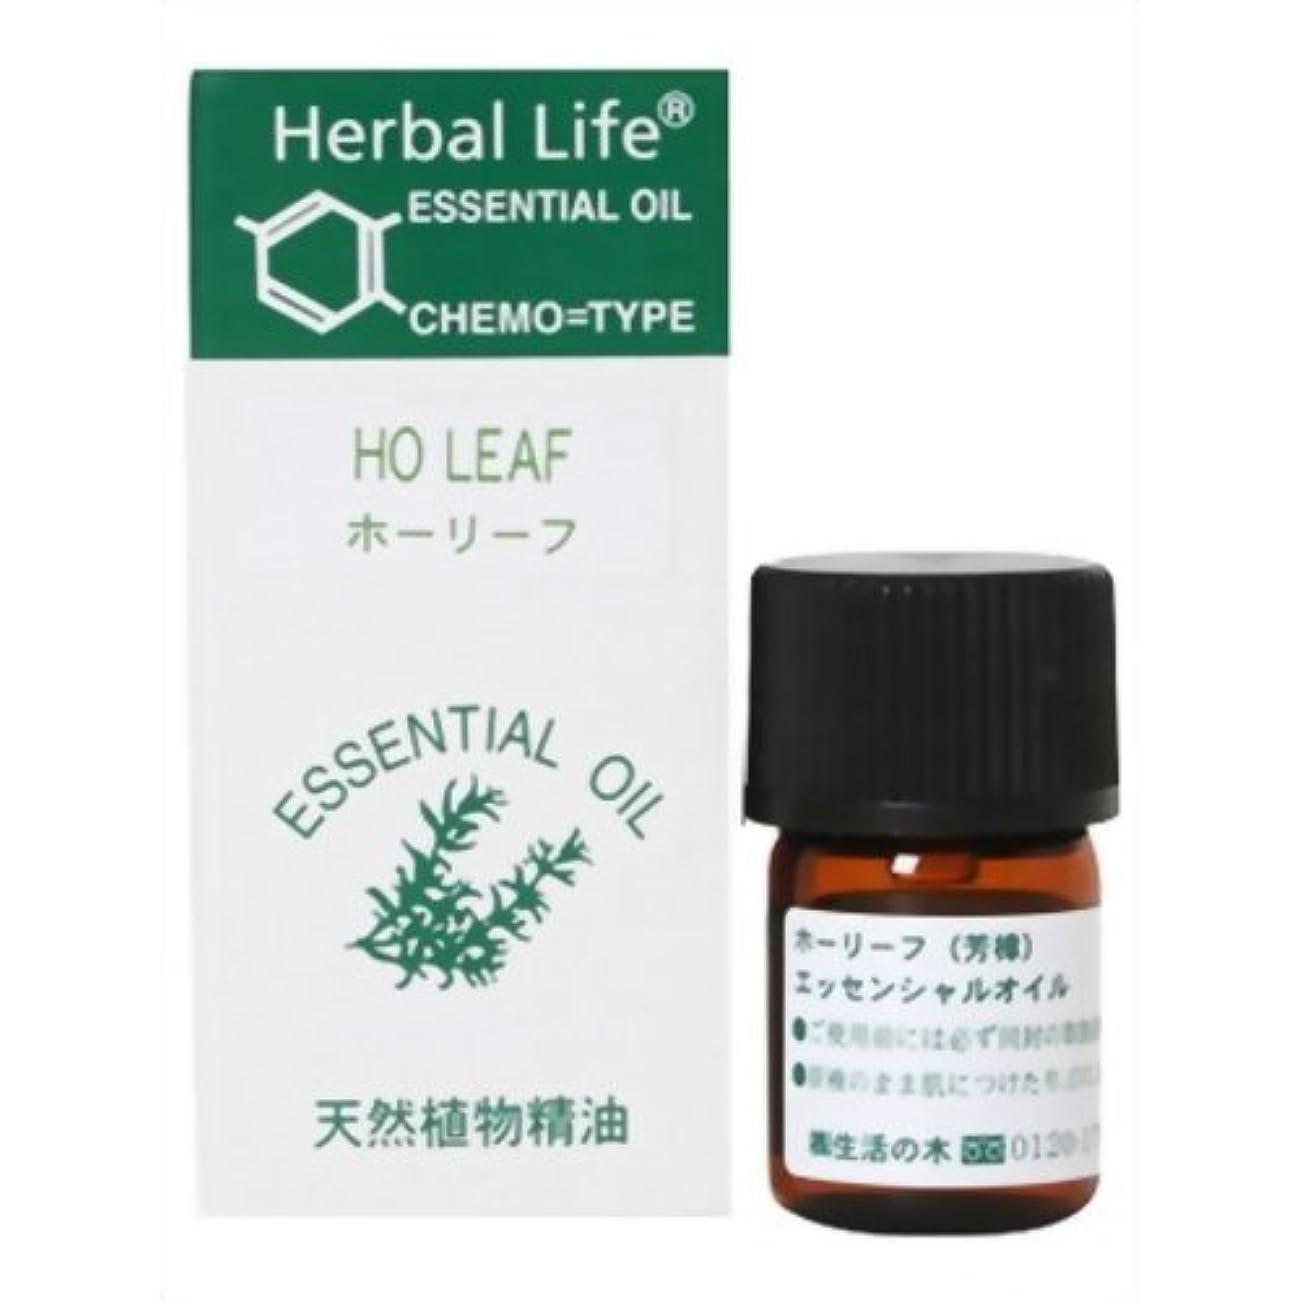 記念碑徹底正午生活の木 Herbal Life ホーリーフ 3ml